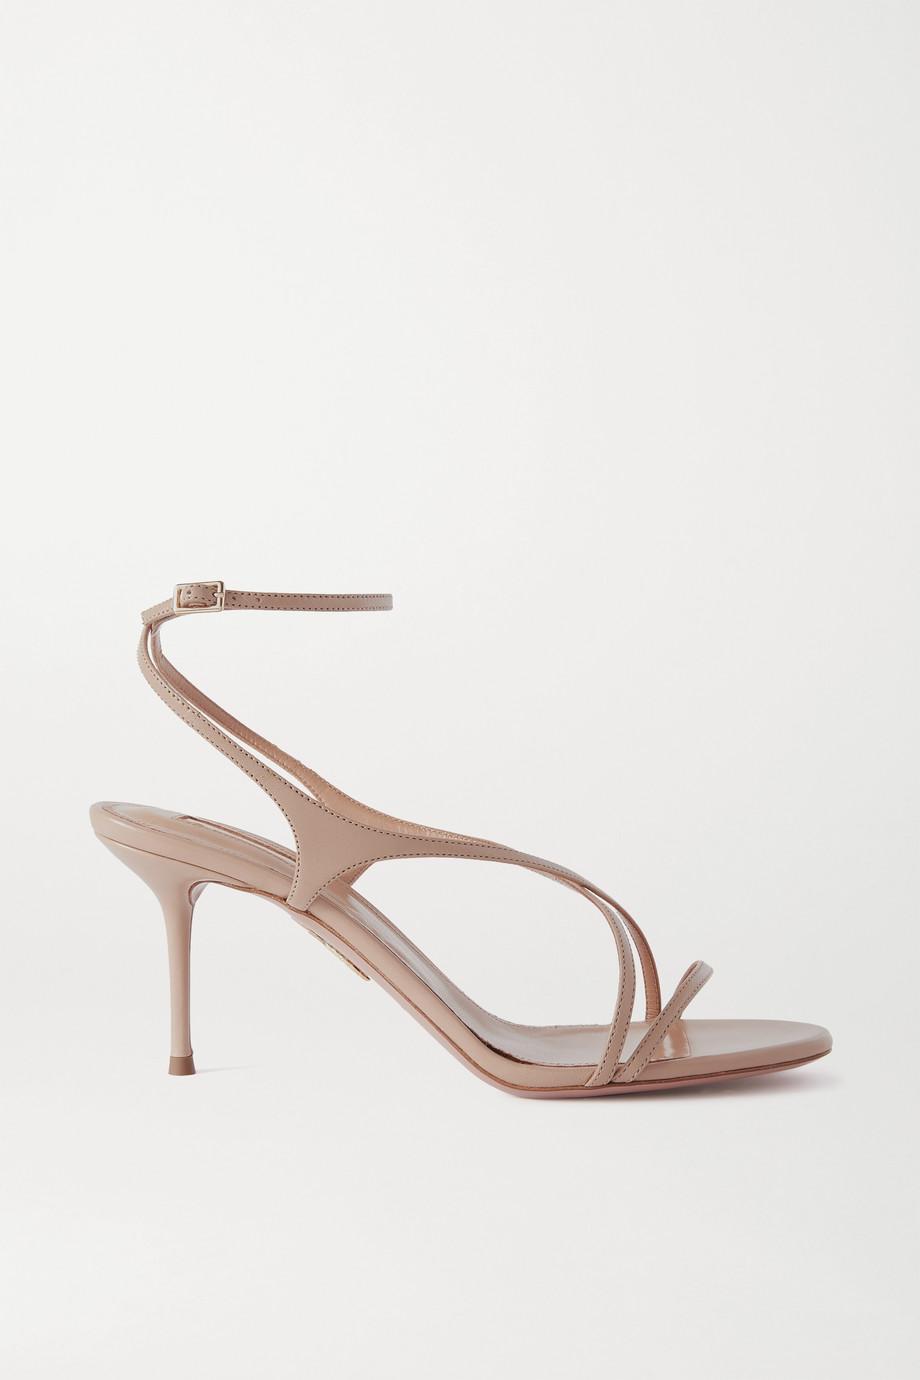 Aquazzura Candie 75 leather sandals